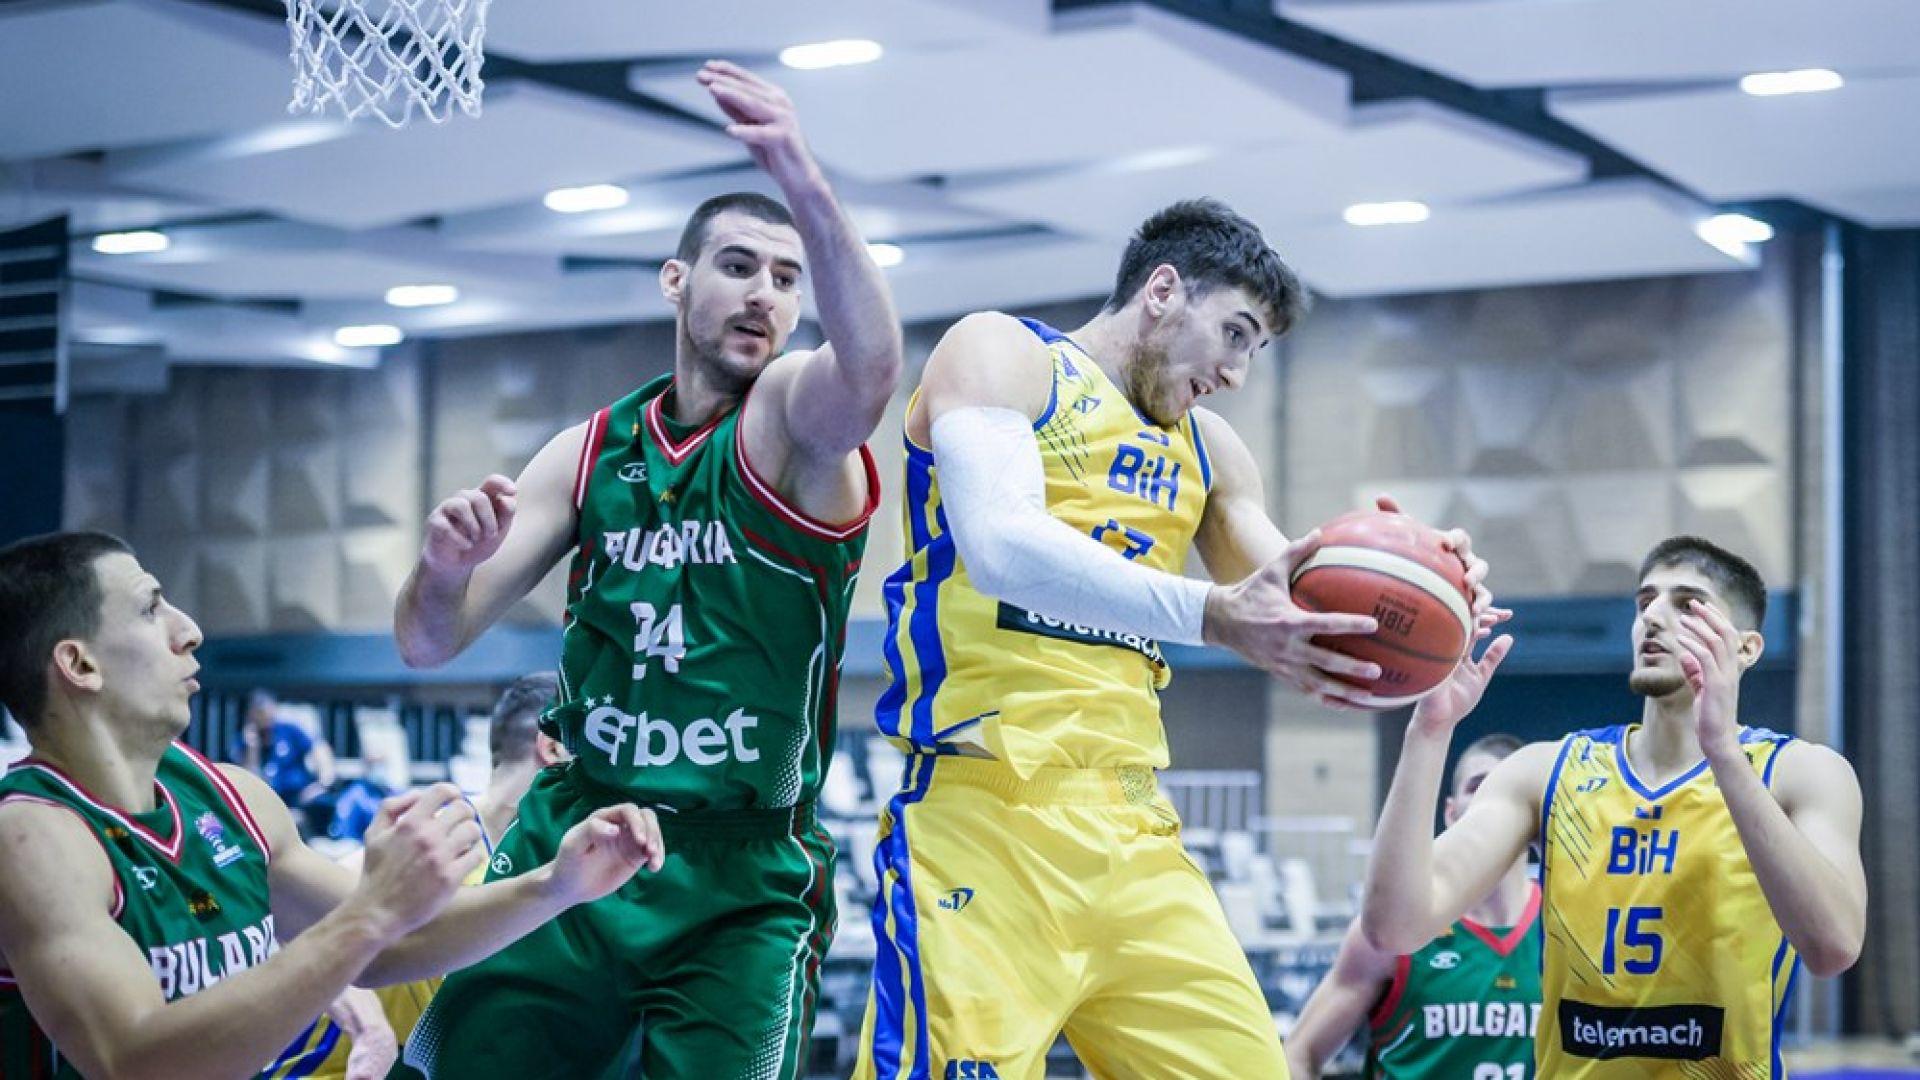 Селекционерът Барчовски повика две дузини баскетболисти за решаващите квалификации